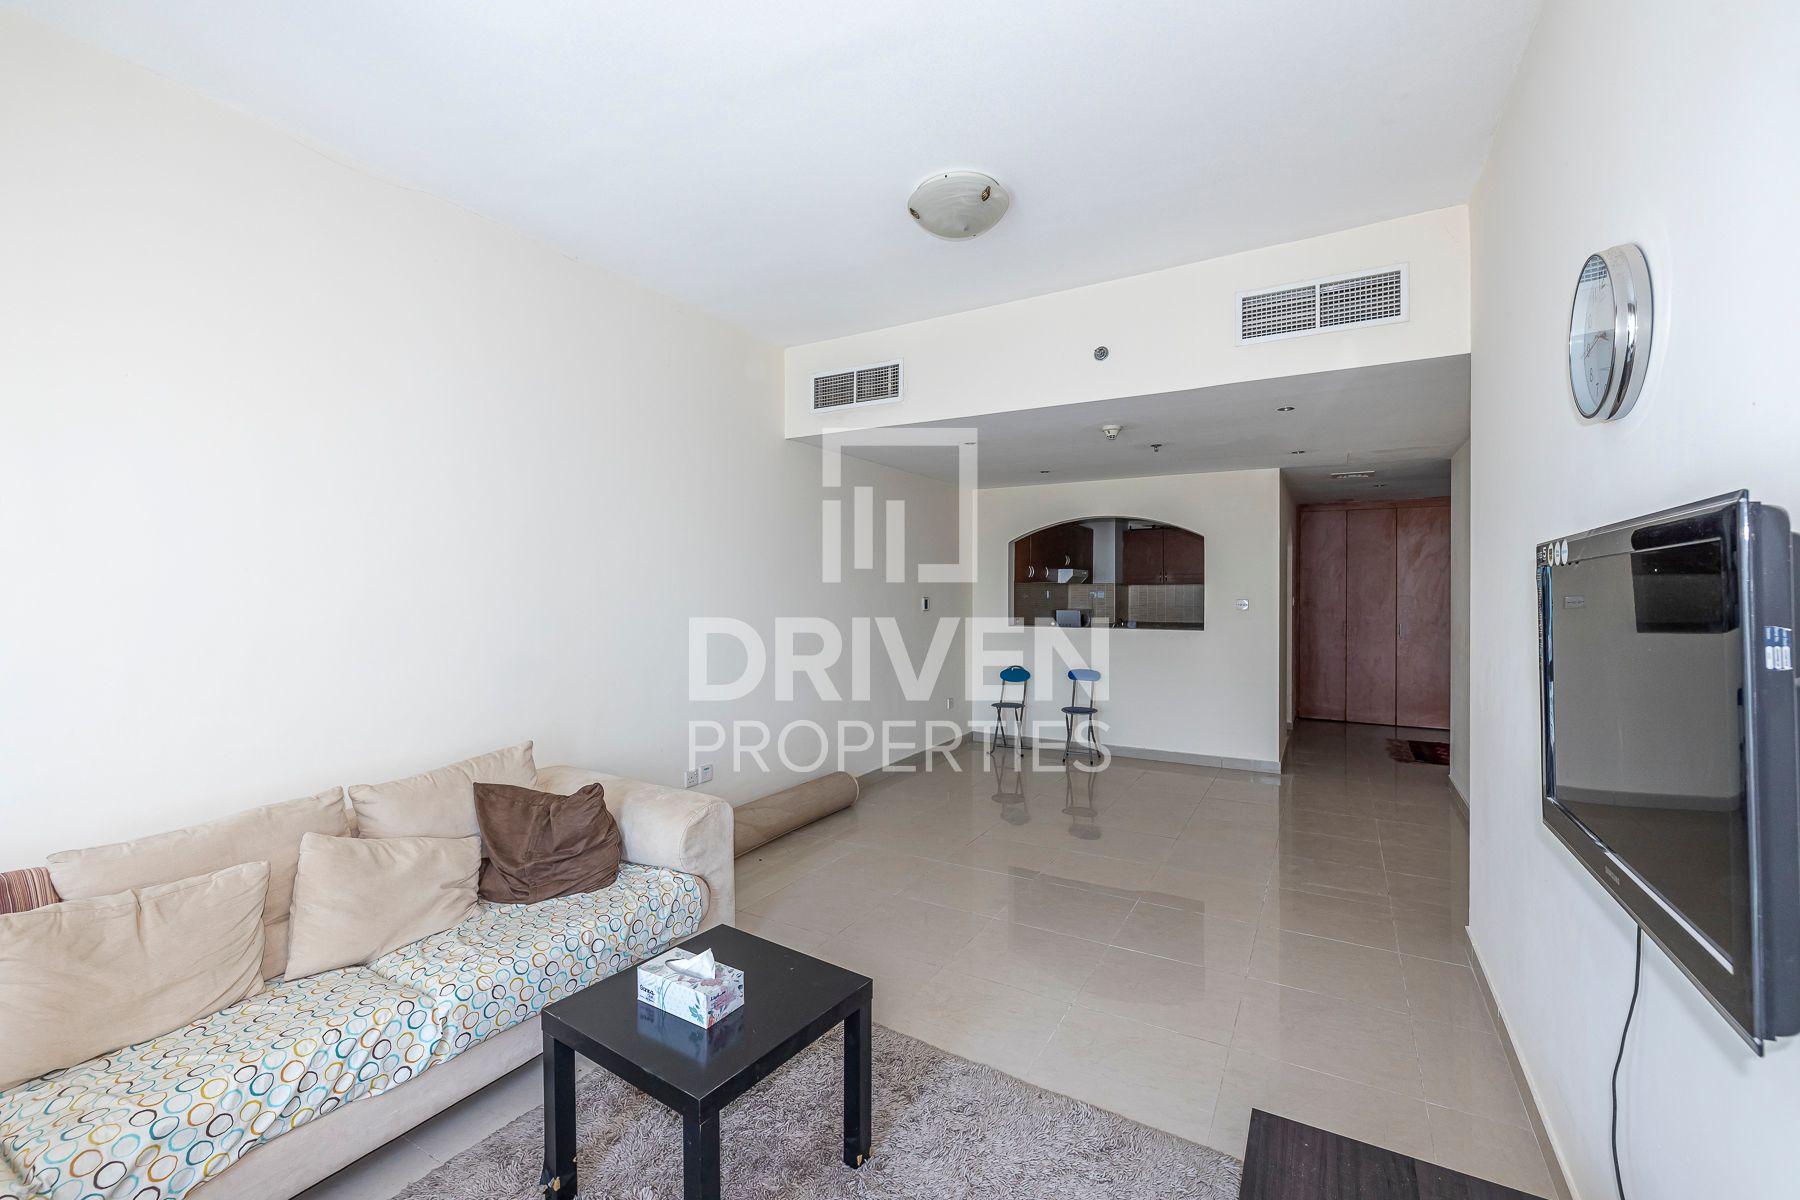 900 قدم مربع  شقة - للبيع - أبراج بحيرة الجميرا